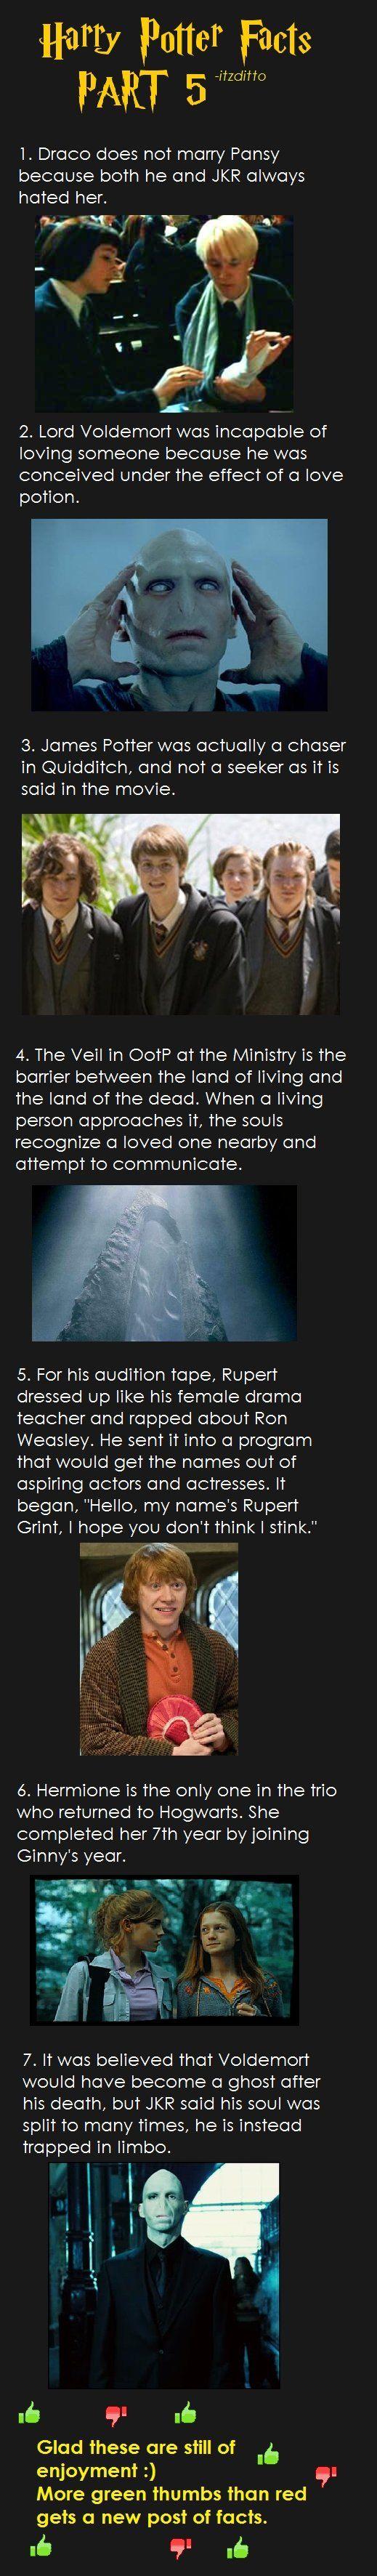 Harry Potter Facts Part 5 - Imgur